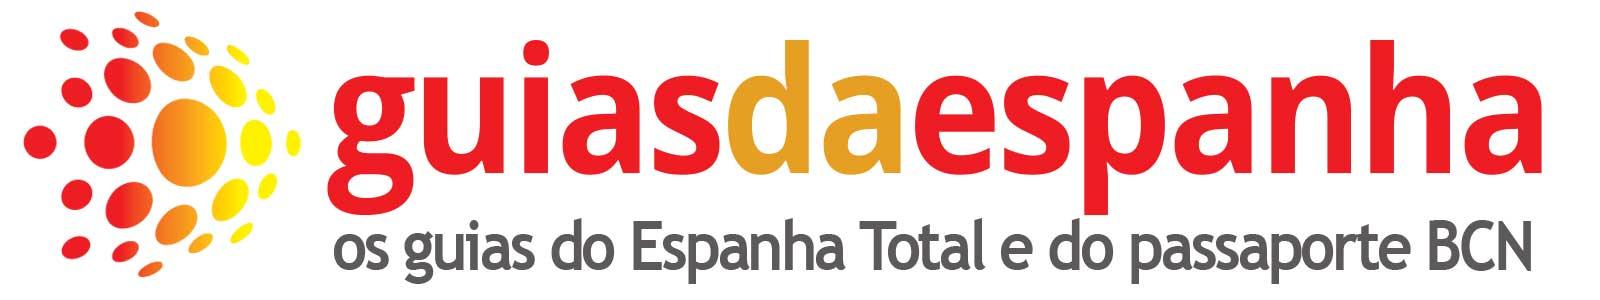 Guias da Espanha